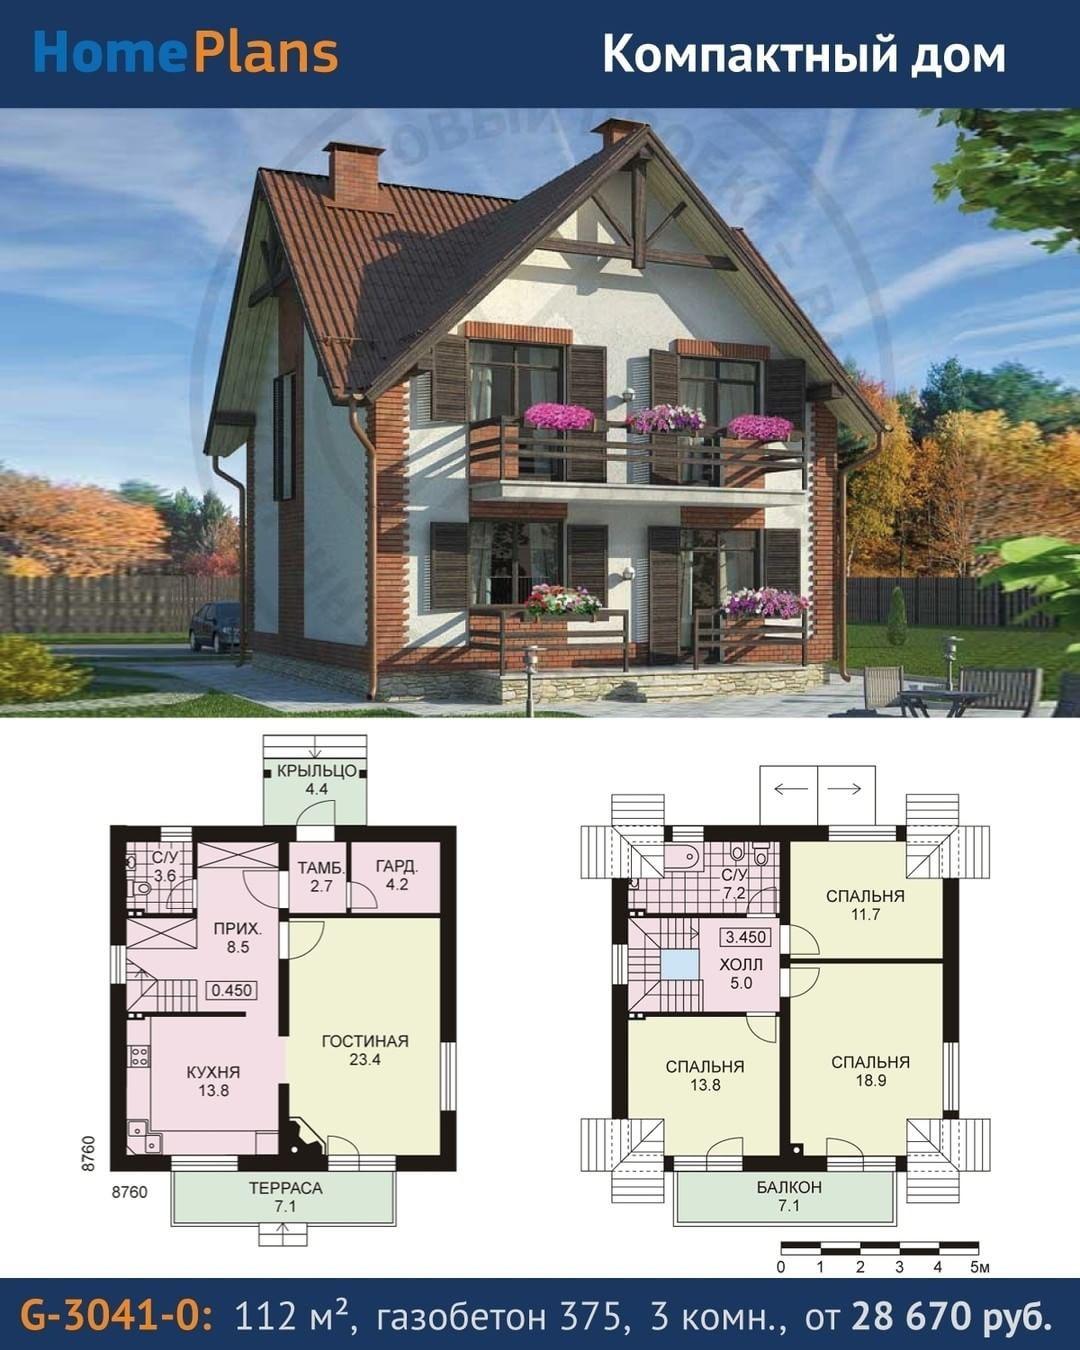 Двухэтажный дом проект план фото мансардного типа собственный